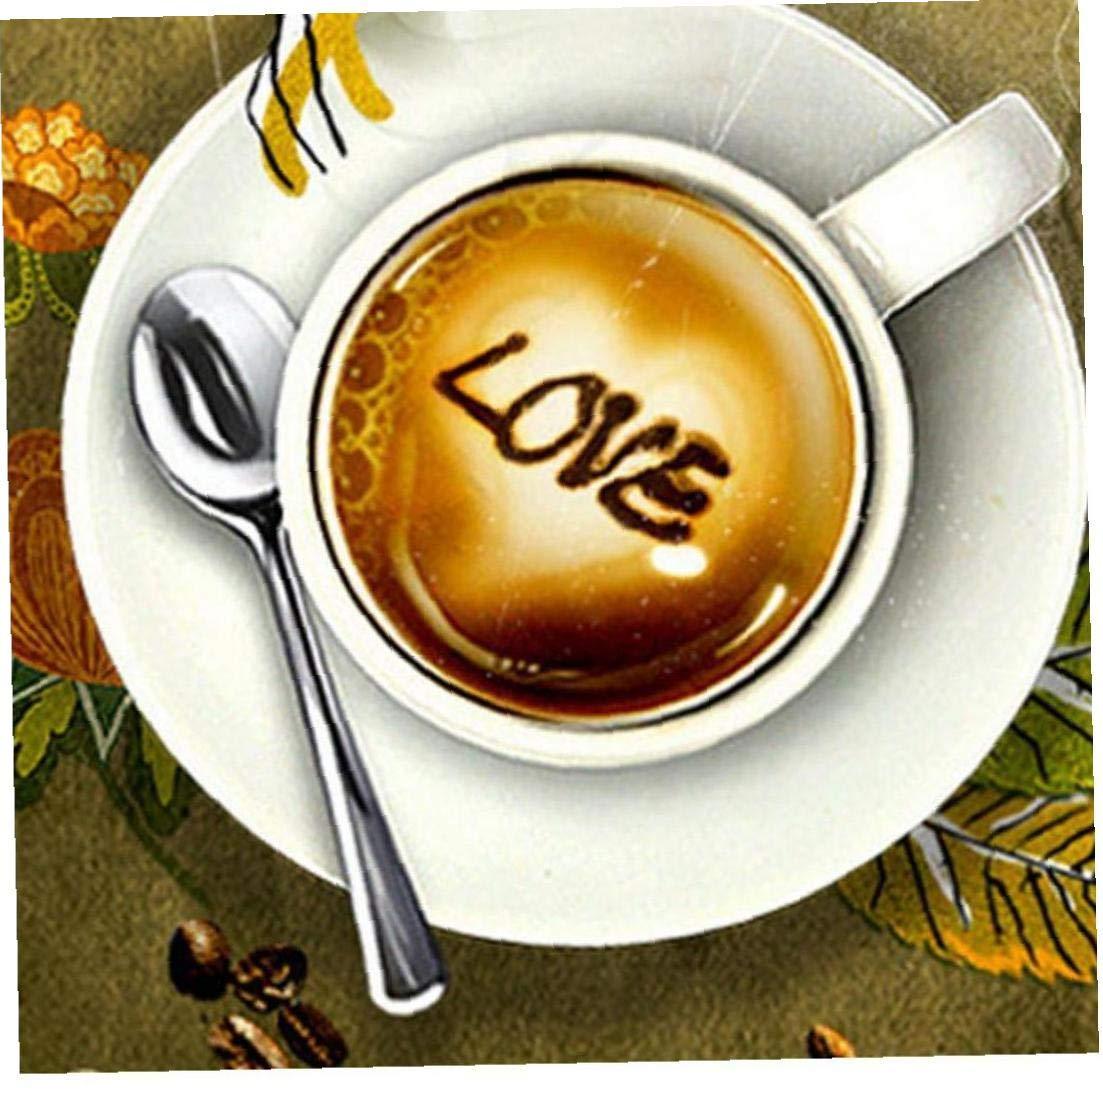 8pcs Natale Caff/è Modelli Multi Uso Barista Coffee Stencil trasparente Coffee Templates Arte per Latte Cappuccino